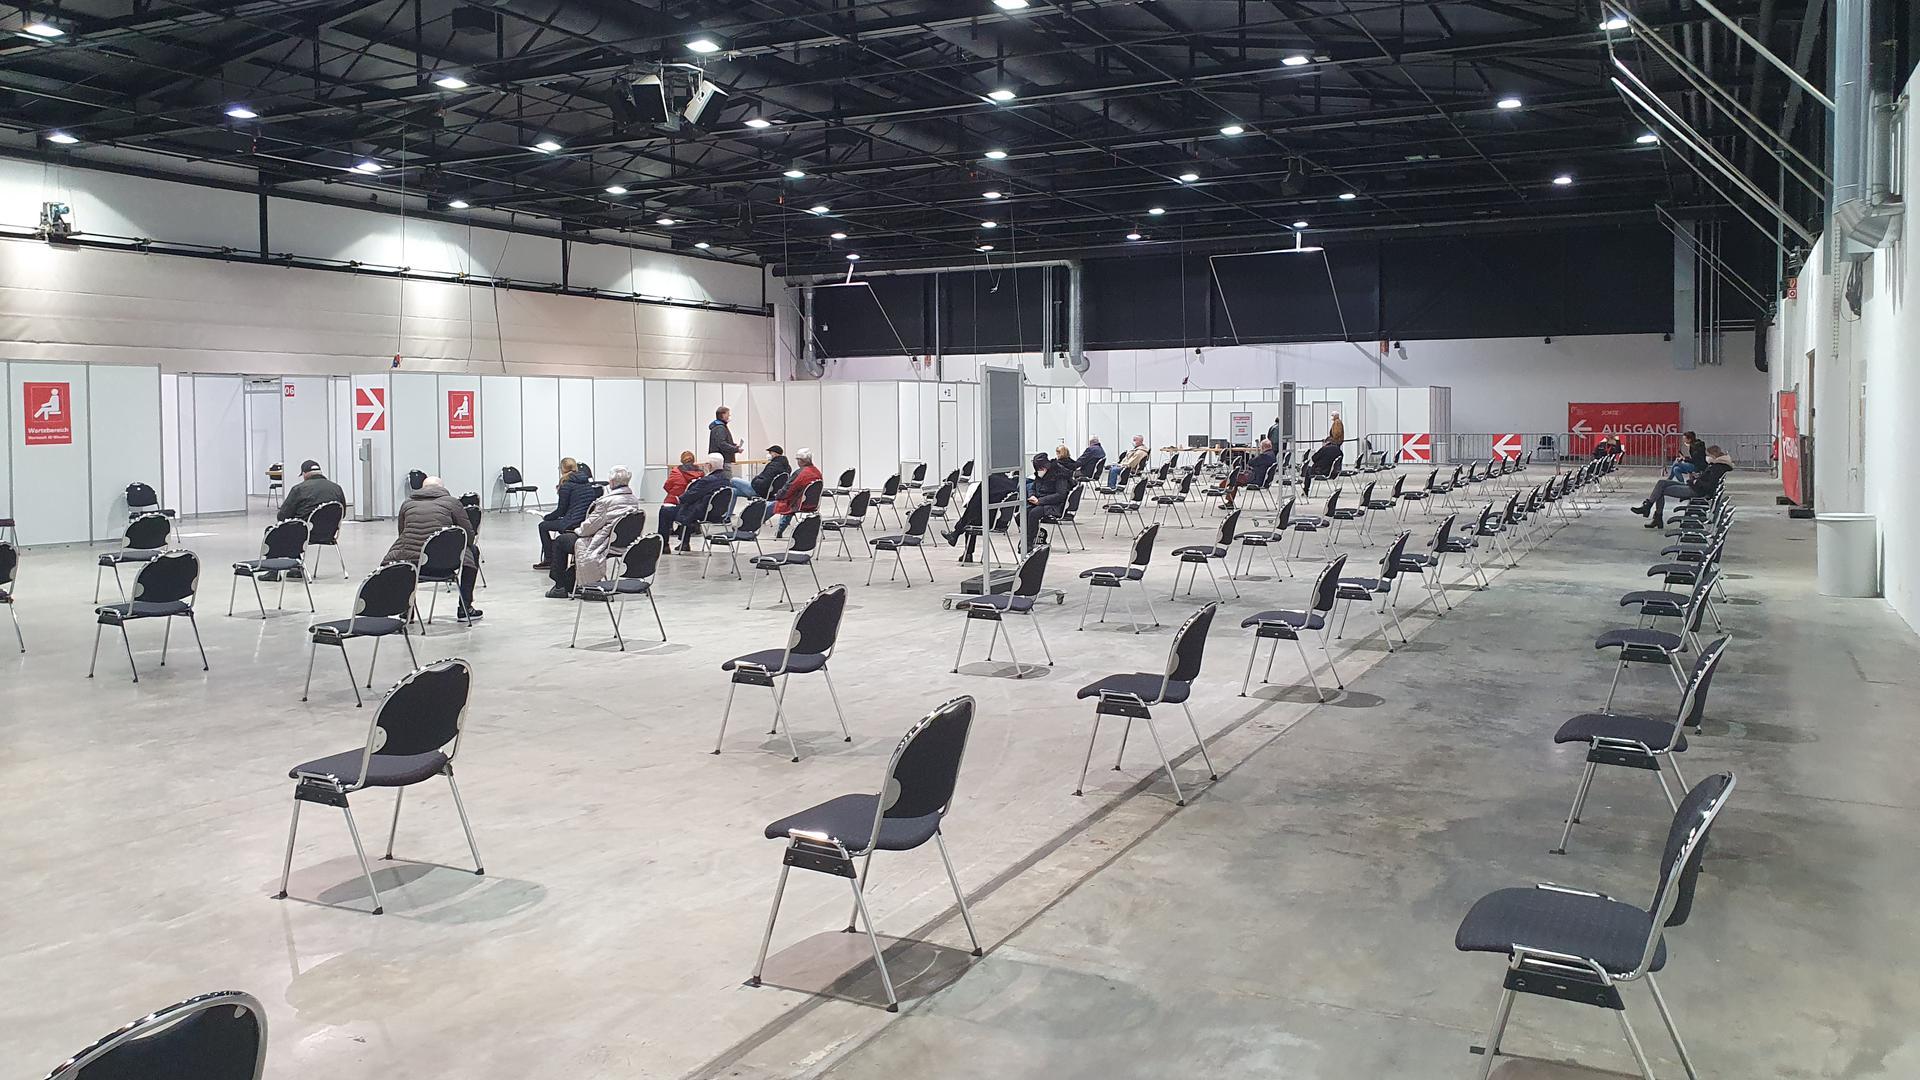 Blick in Halle mit unbesetzten Stühlen